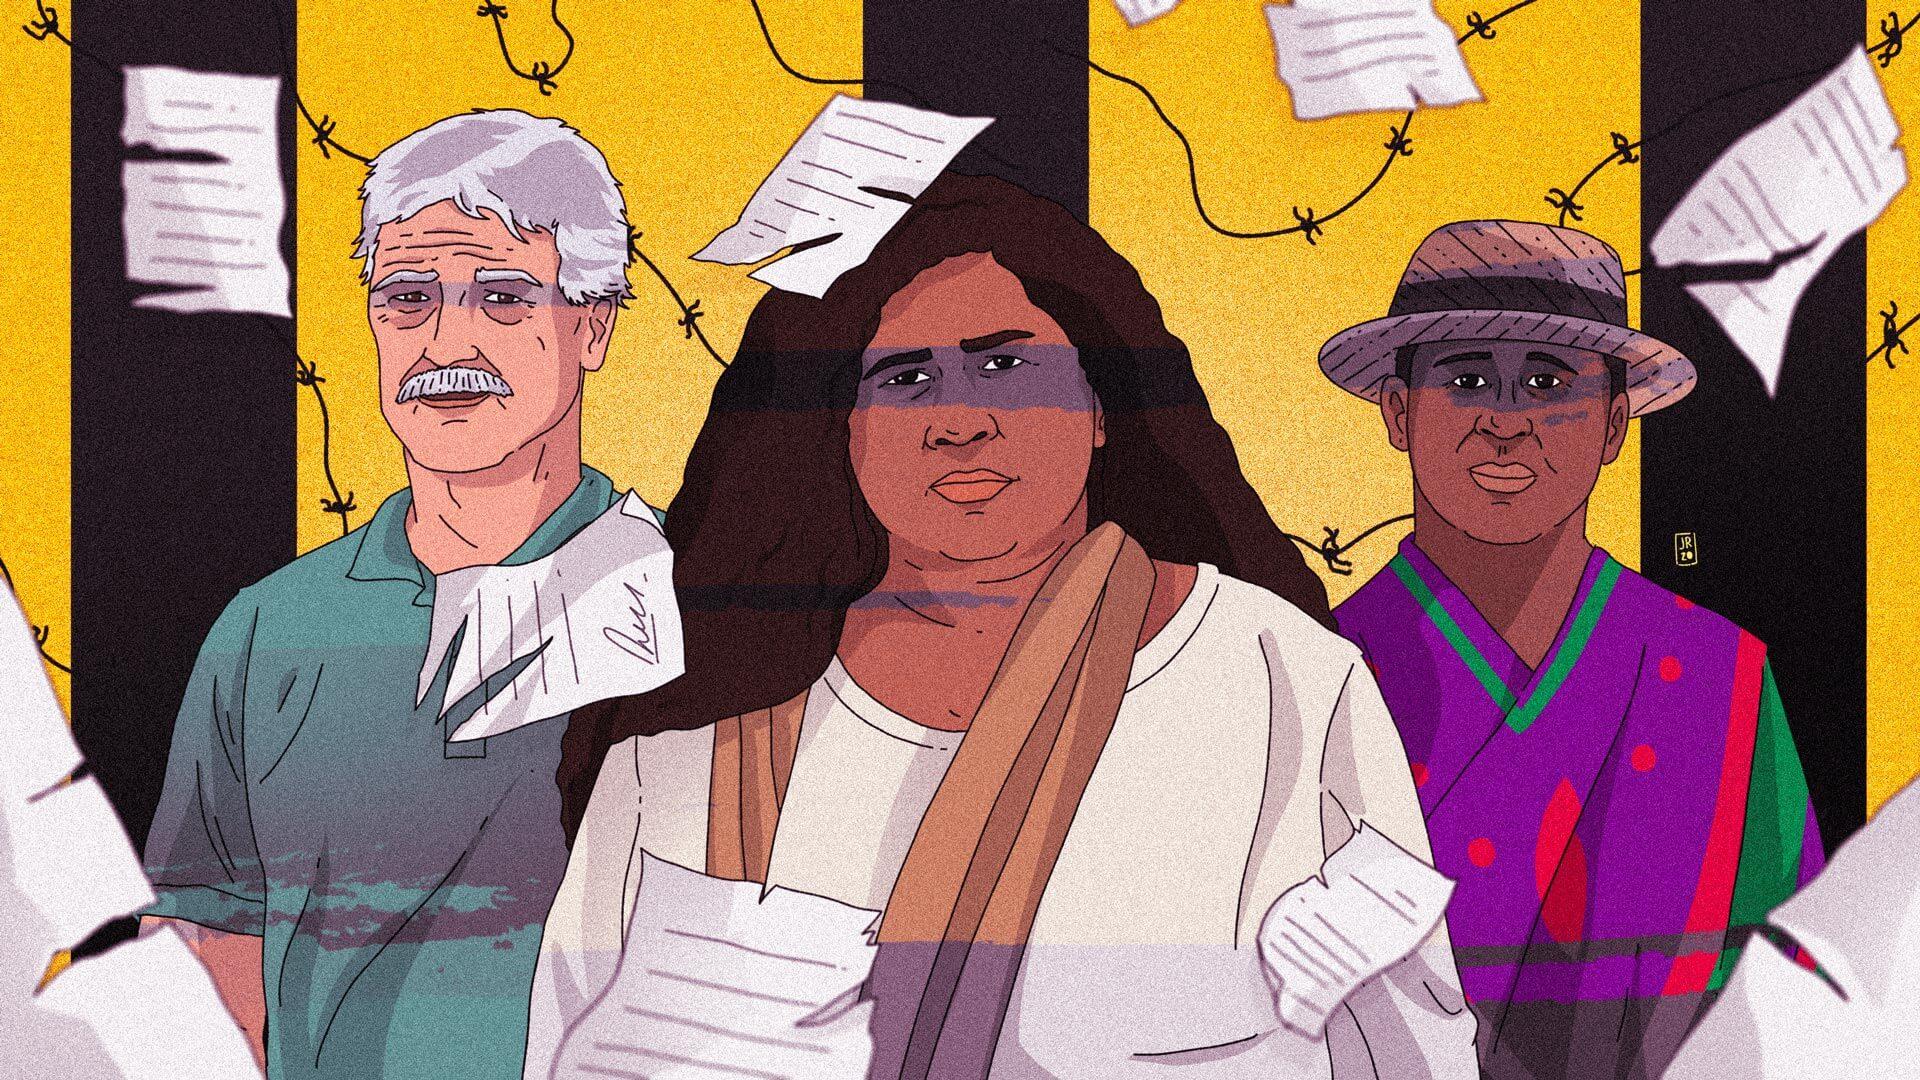 ¡Oh sorpresa! Colombia es el país más peligroso para defender derechos